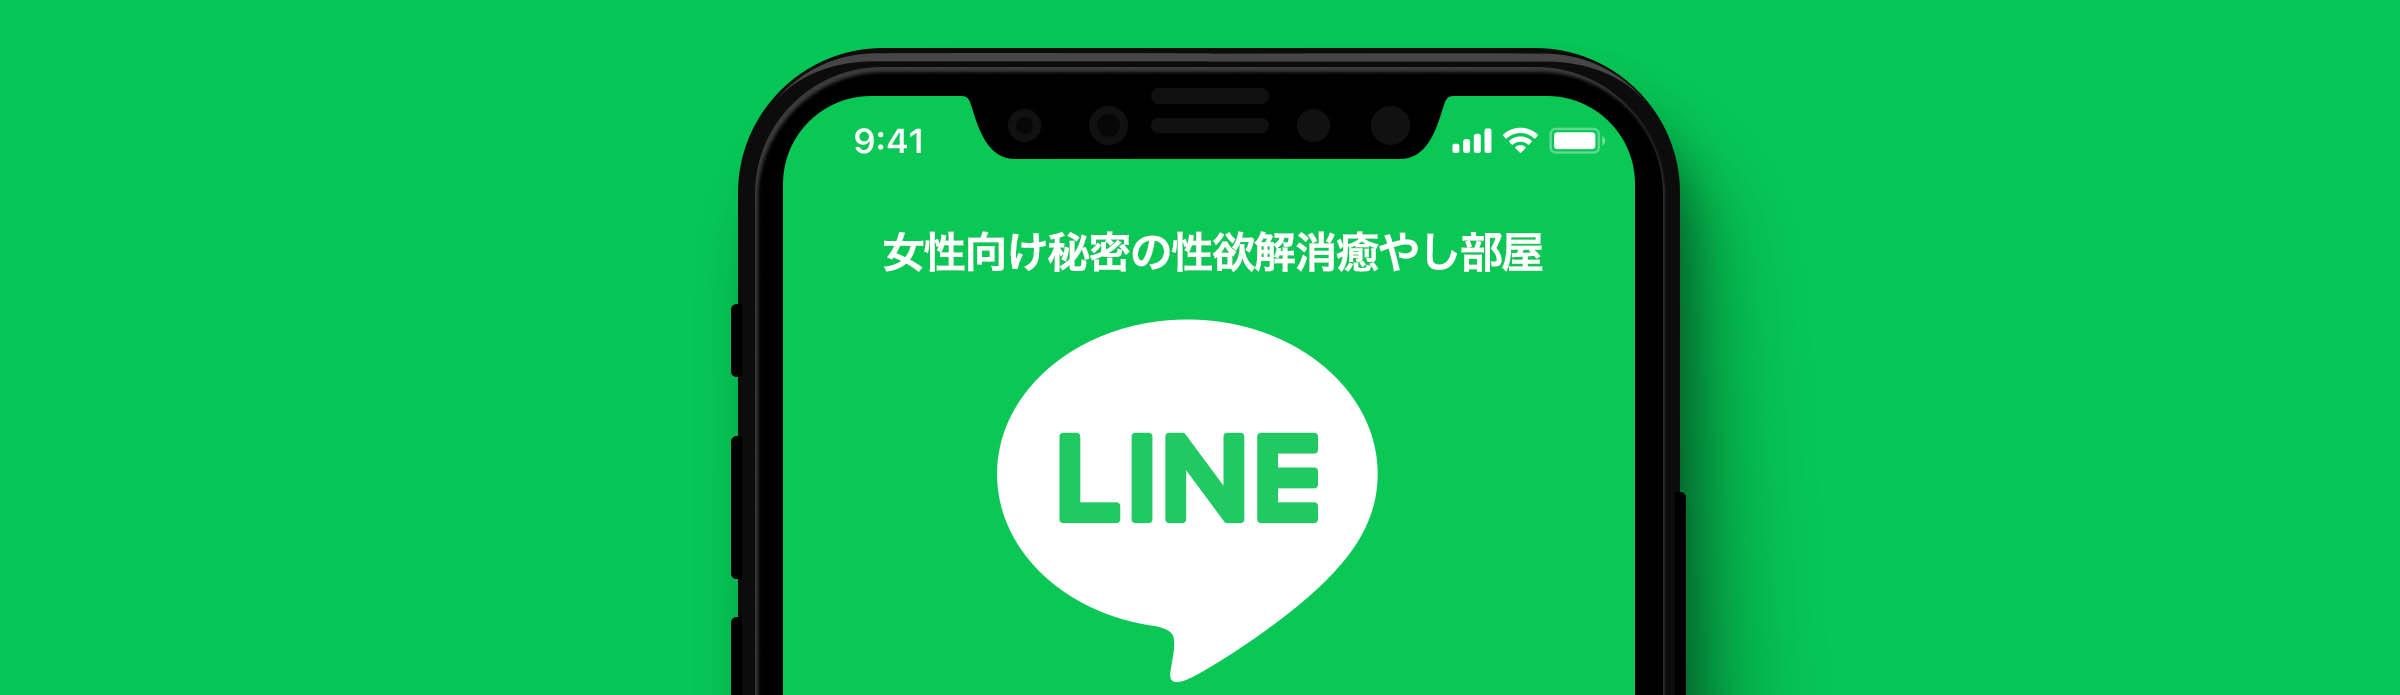 line app jyosei trim - 【LINE】中イキ開発・クリイキ開発、乳首イキ開発、調教、乳首舐めいじめへの予約と依頼はこちら